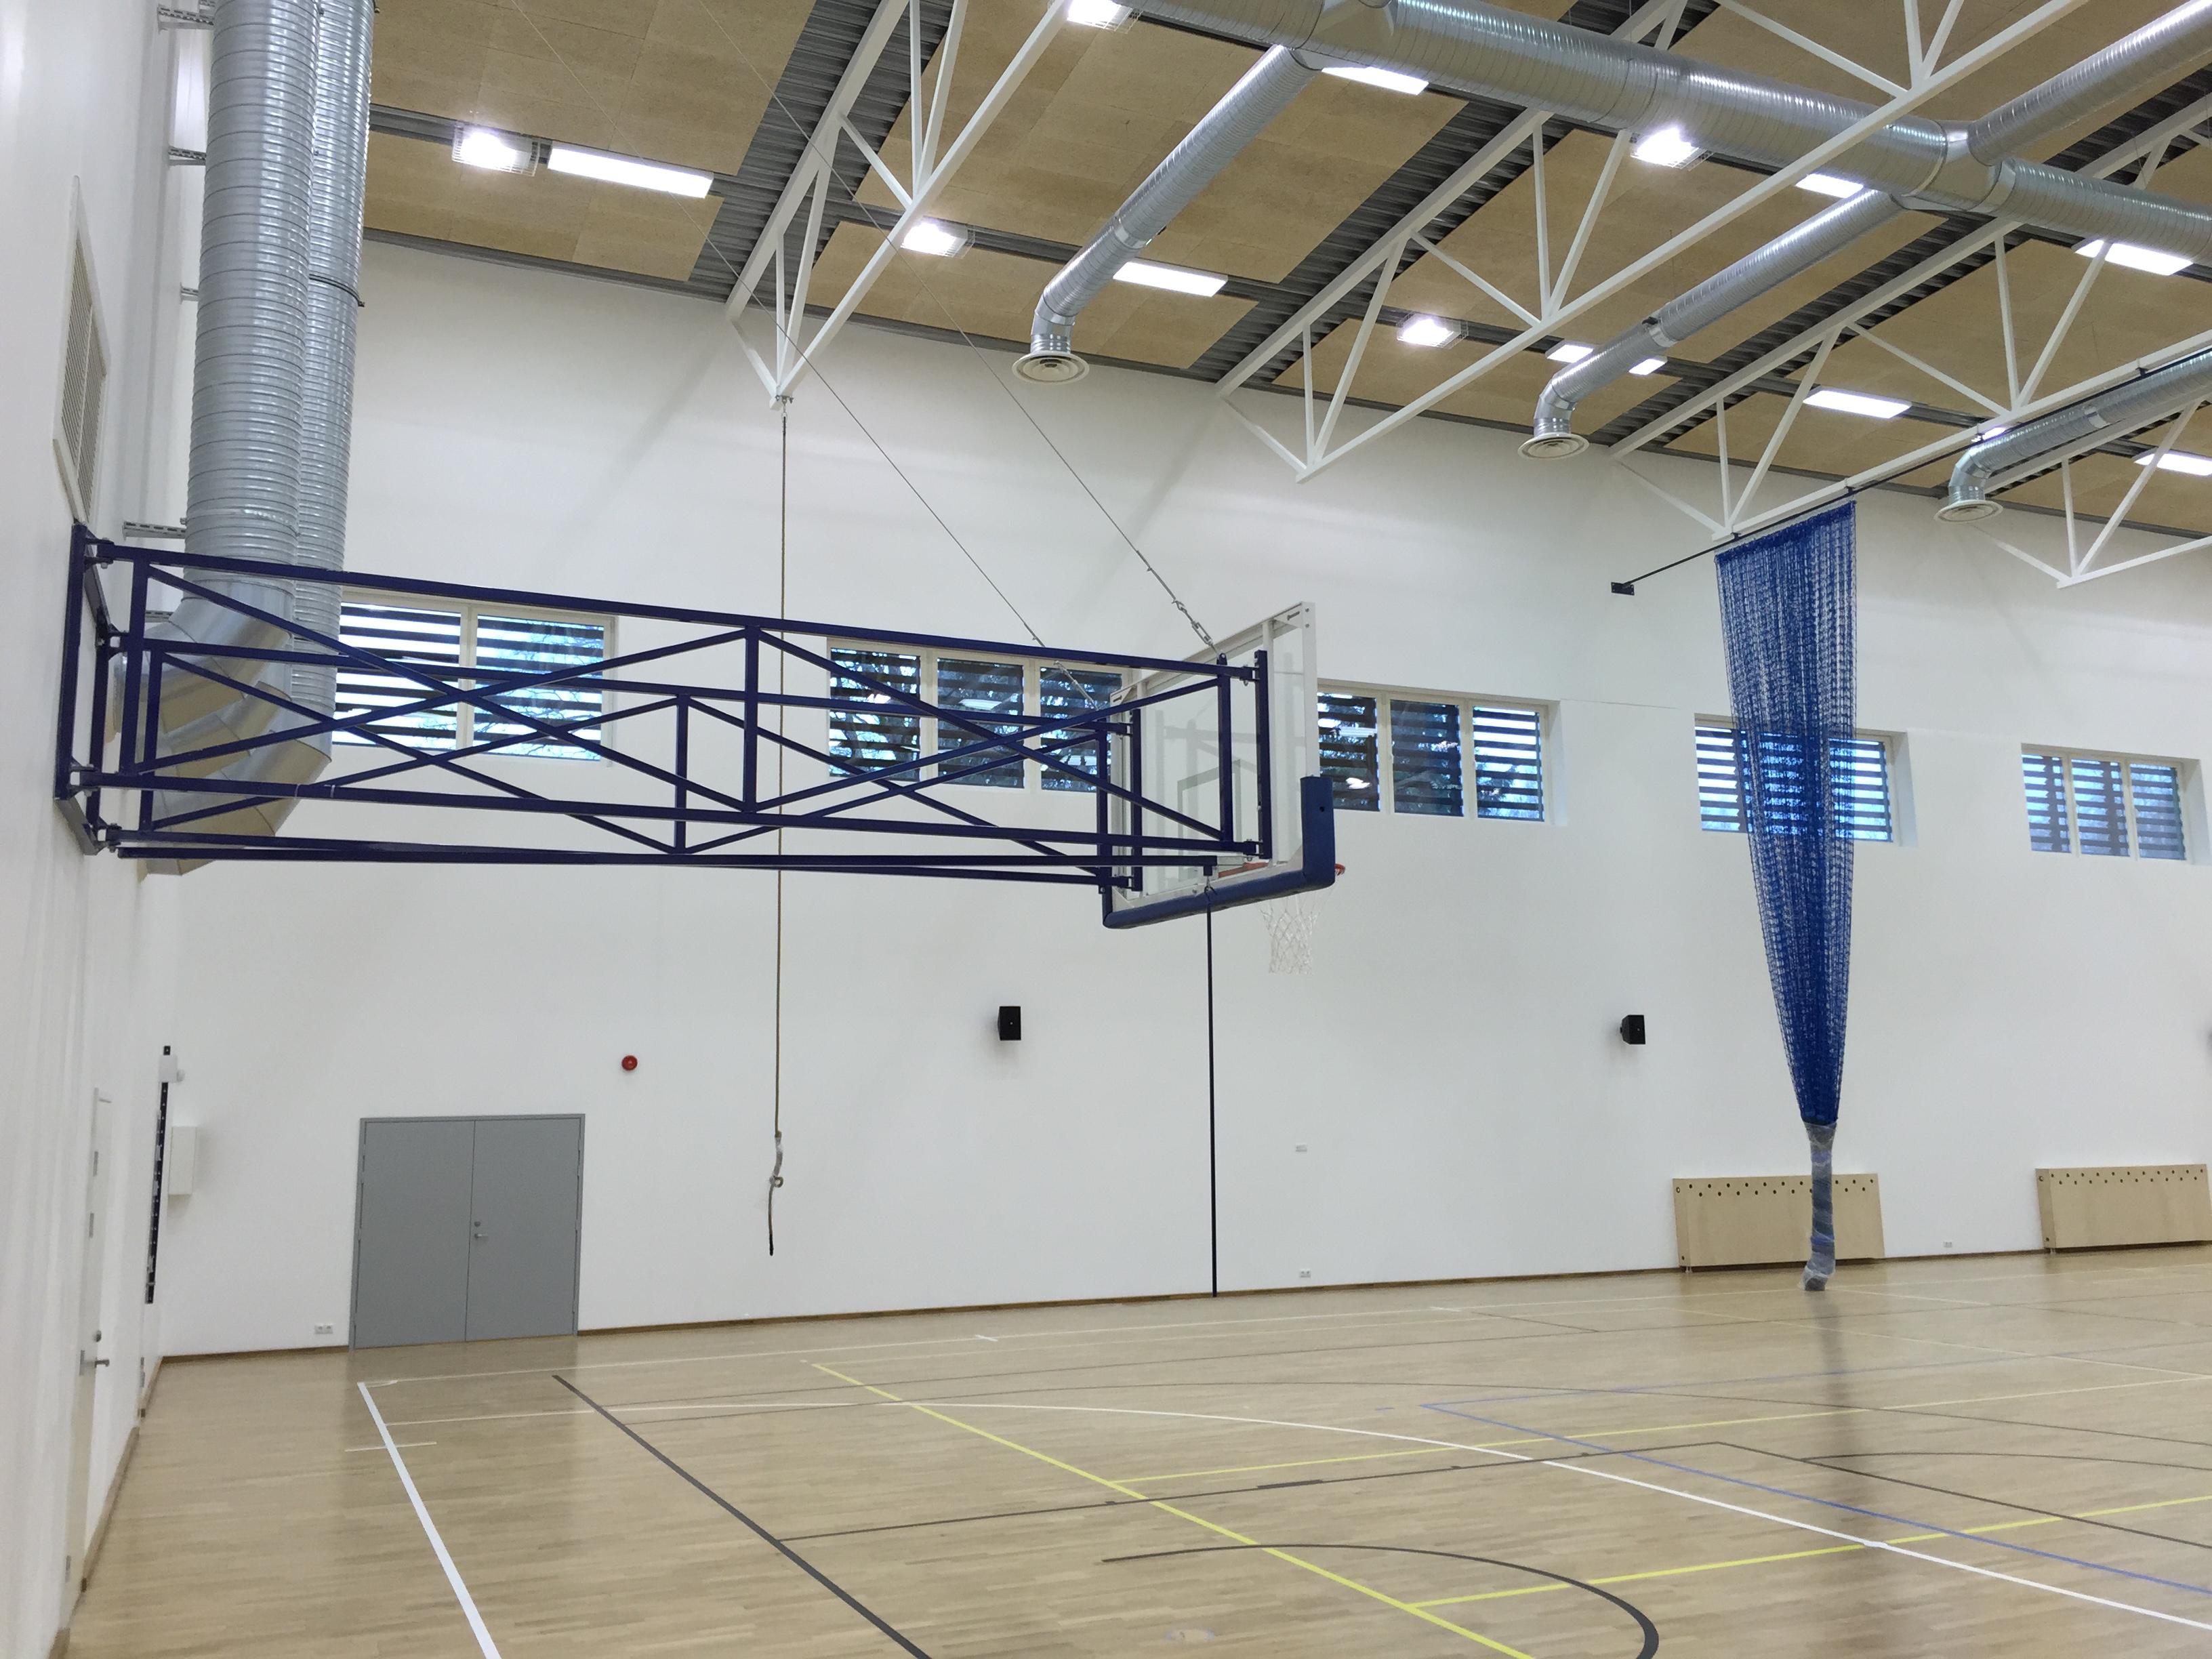 Vasalemma Põhikooli spordisaal (2014)